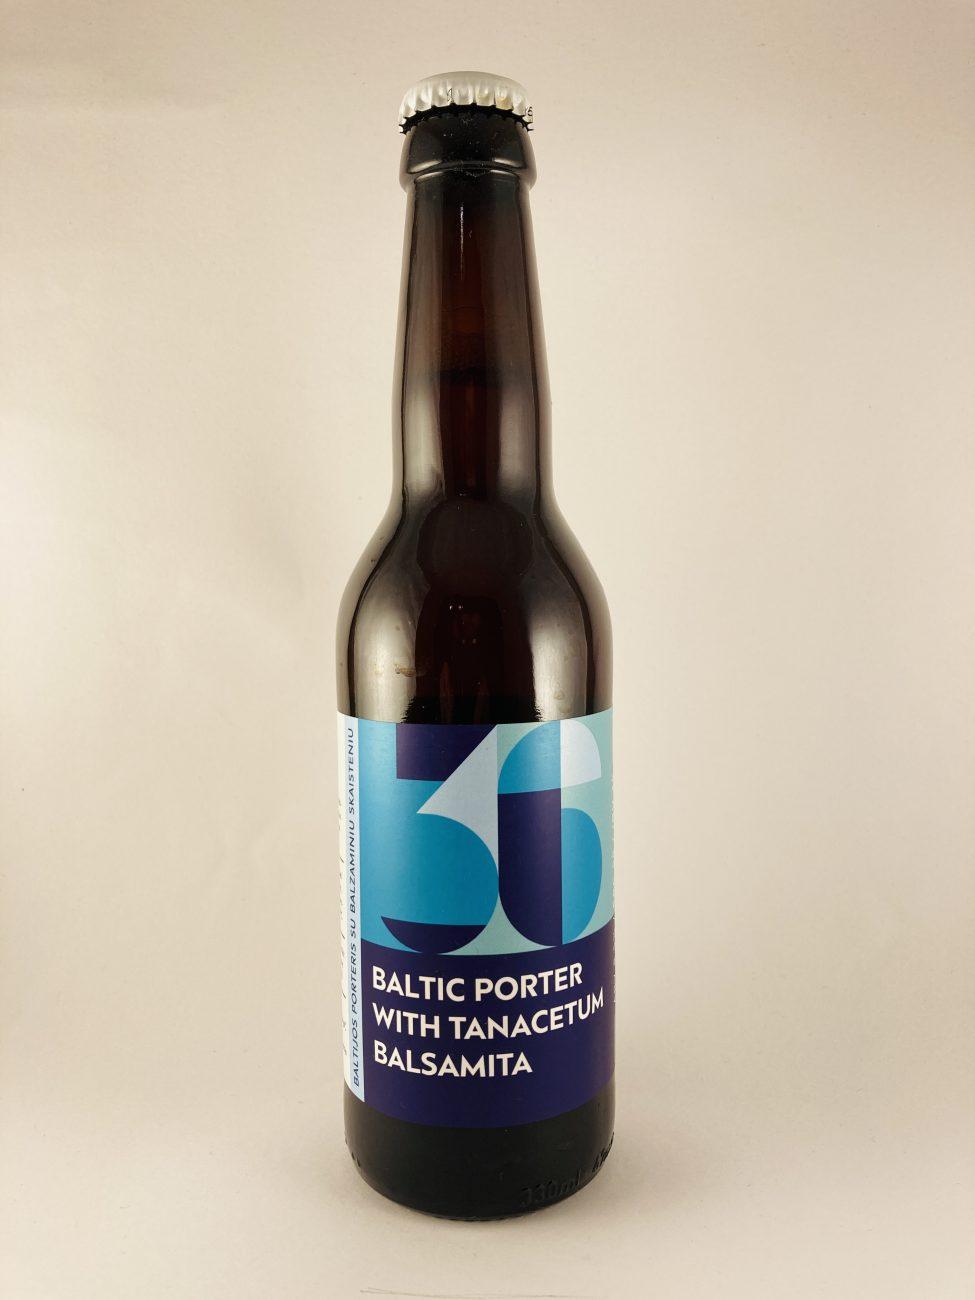 Baltic-Porter-sakiskes-brewery-craft